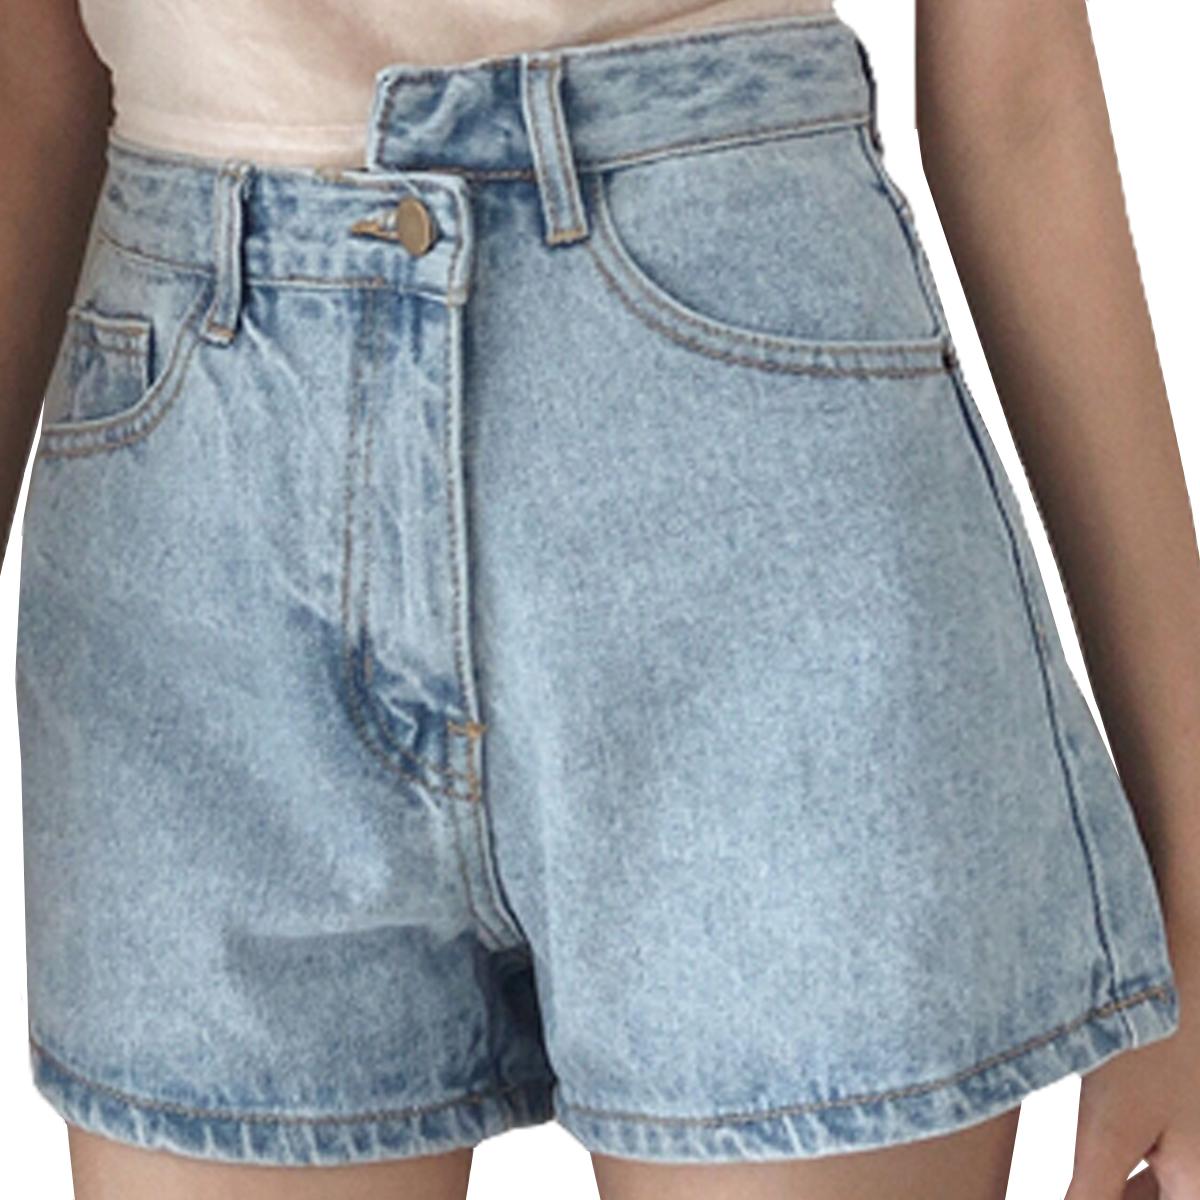 [해외]저렴한 2018 새로운 봄 가을 핫 세일 여성과 느슨한 패션 캐주얼 섹시한 데님 반바지 바지 BA9028/Cheap wholesale 2018 new Spring Autumn Hot selling women&s loose fashion casual sexy De